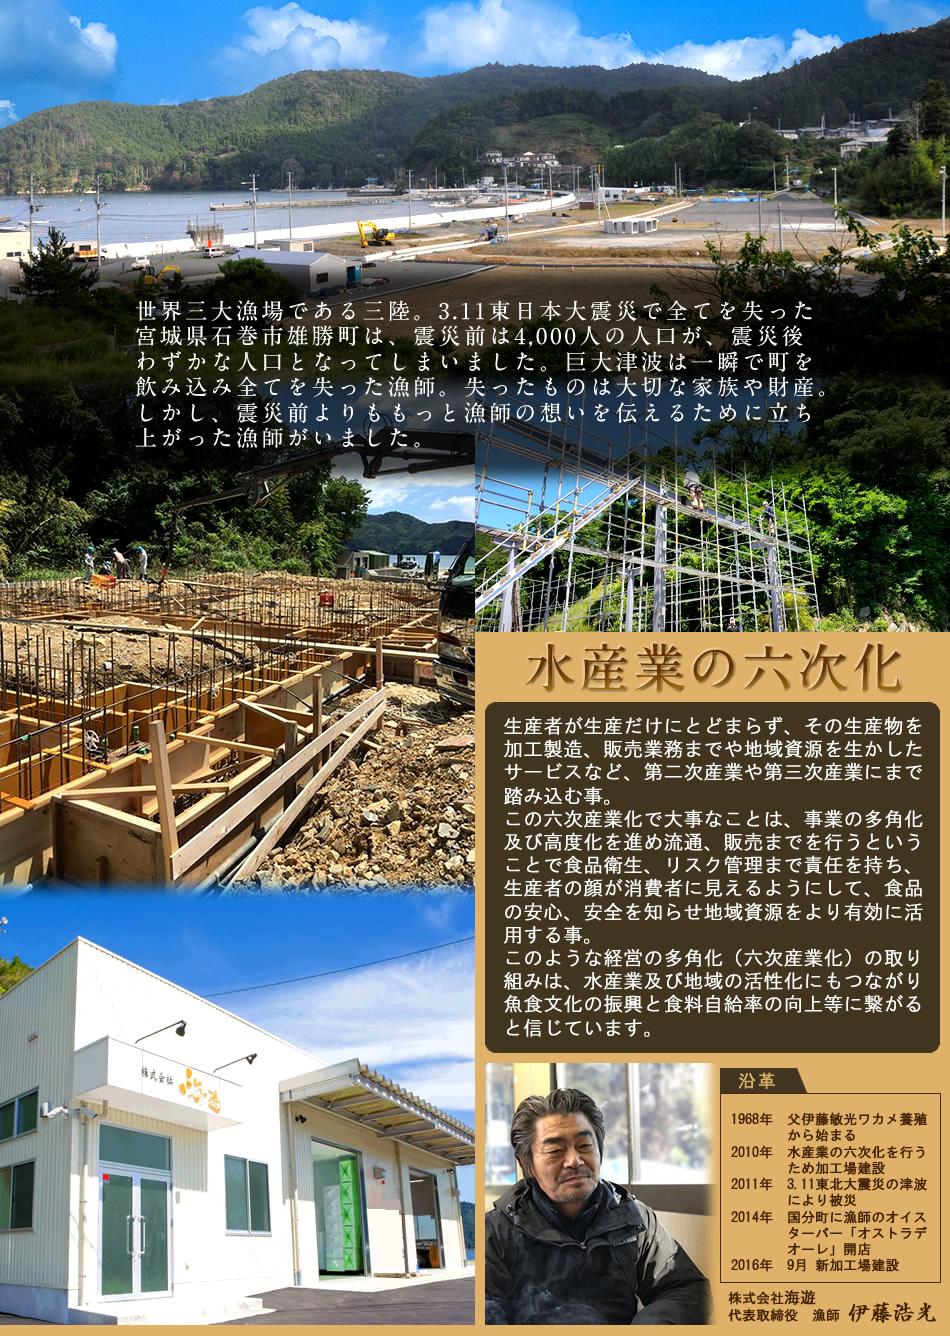 宮城県雄勝町 海遊 水産業の六次化 会社沿革